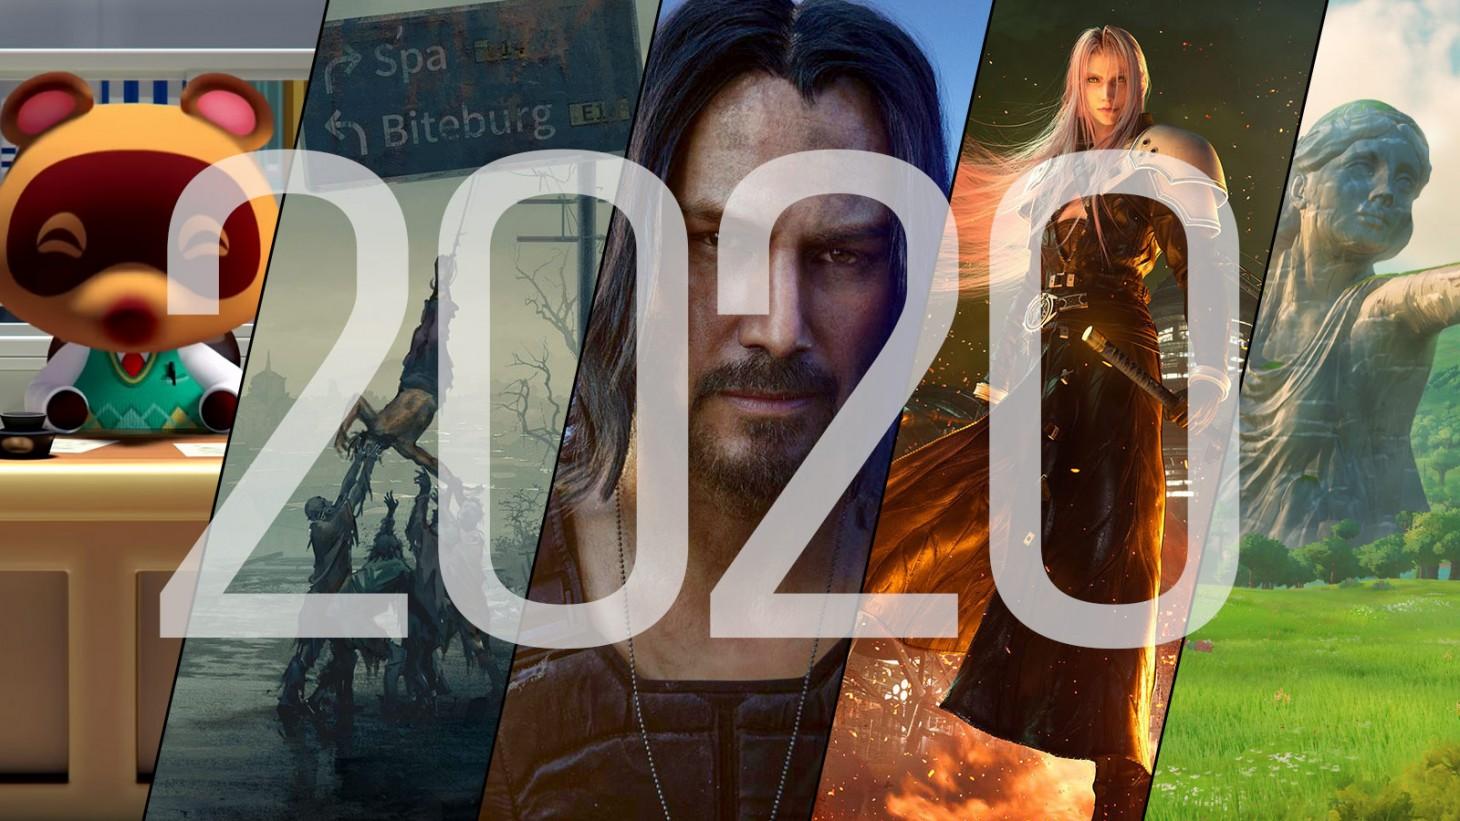 giochi per pc 2020